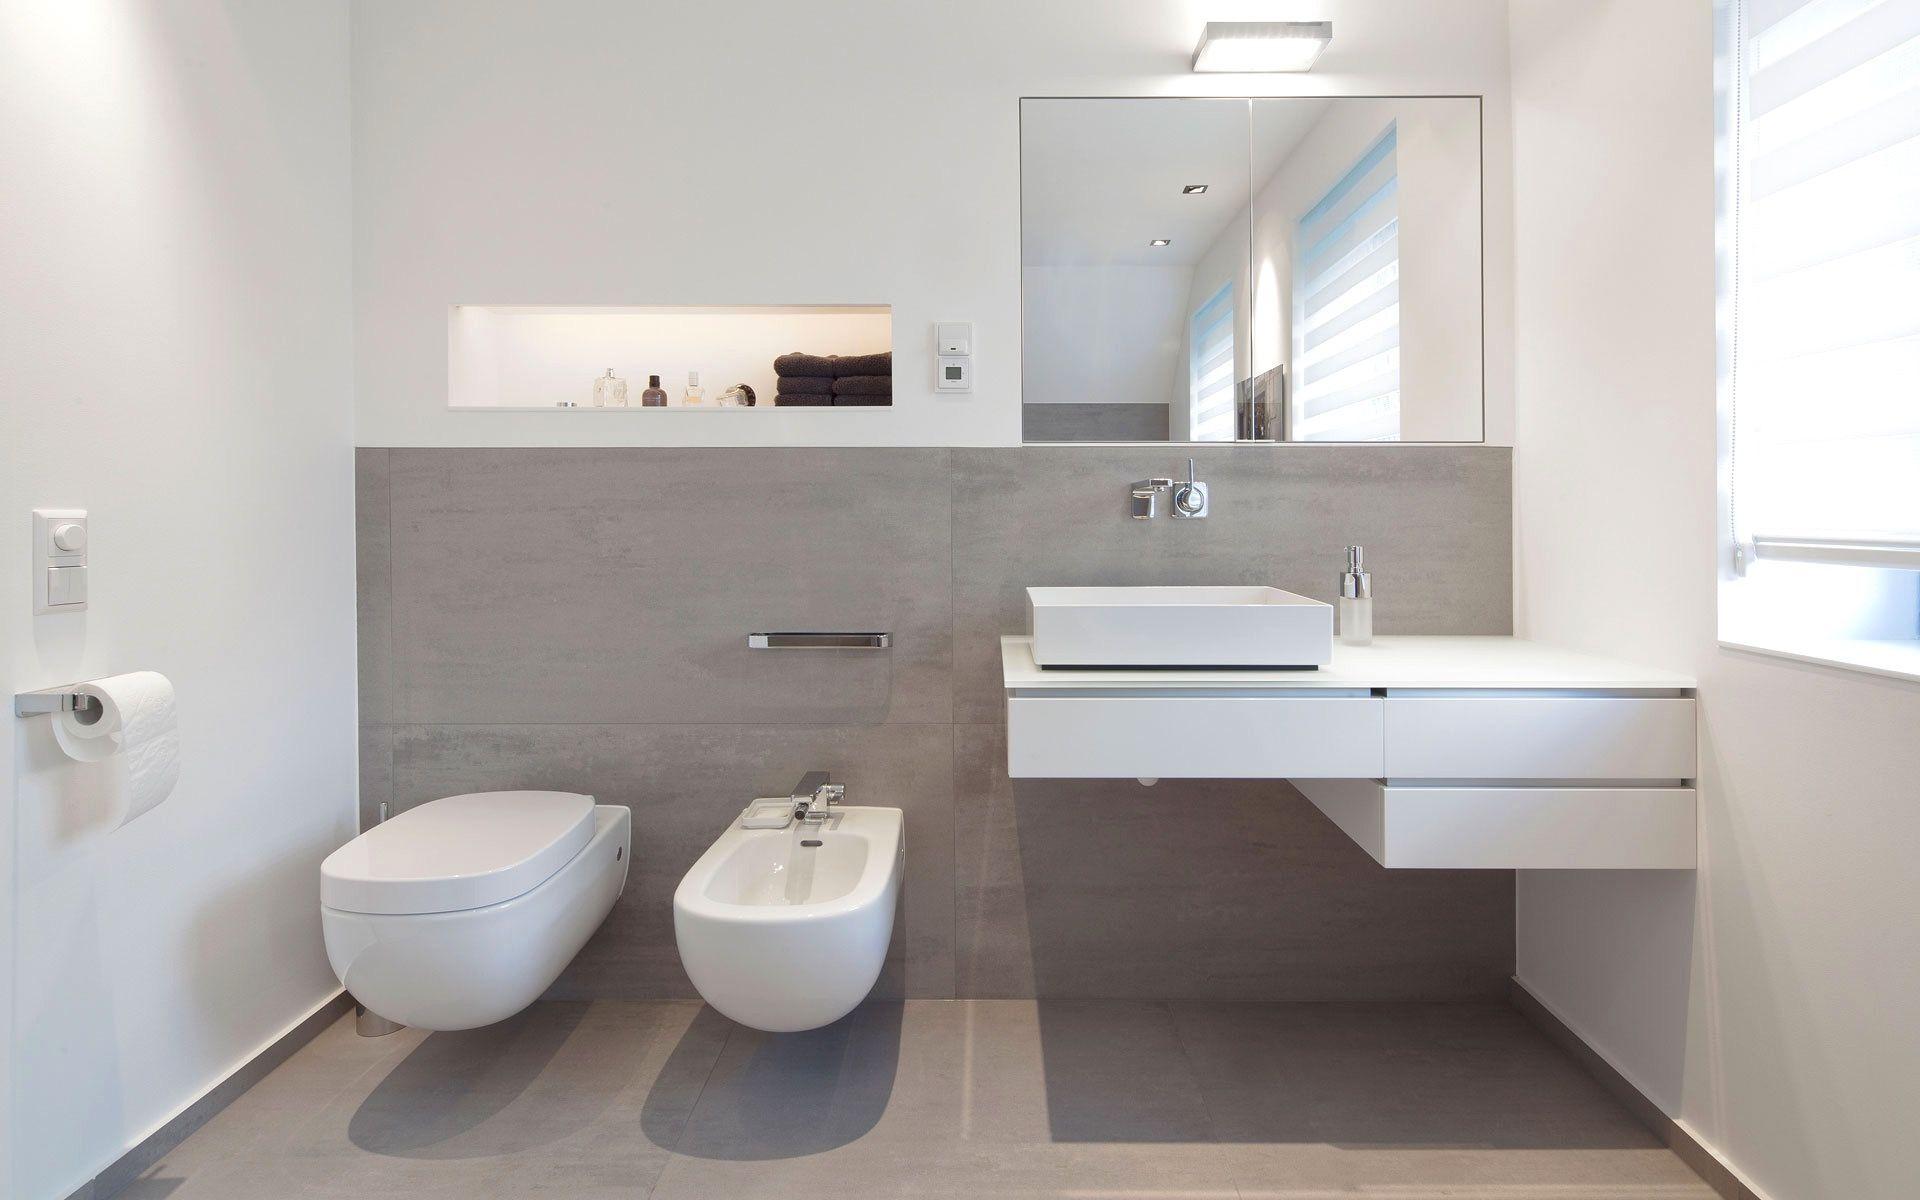 Badezimmer Ideen Fernen Verfuhrerisch Moderne Badezimmer Fliesen Bathroom Decoration Often We Make In 2020 Gray Bathroom Decor Modern Bathroom Tile Tile Bathroom